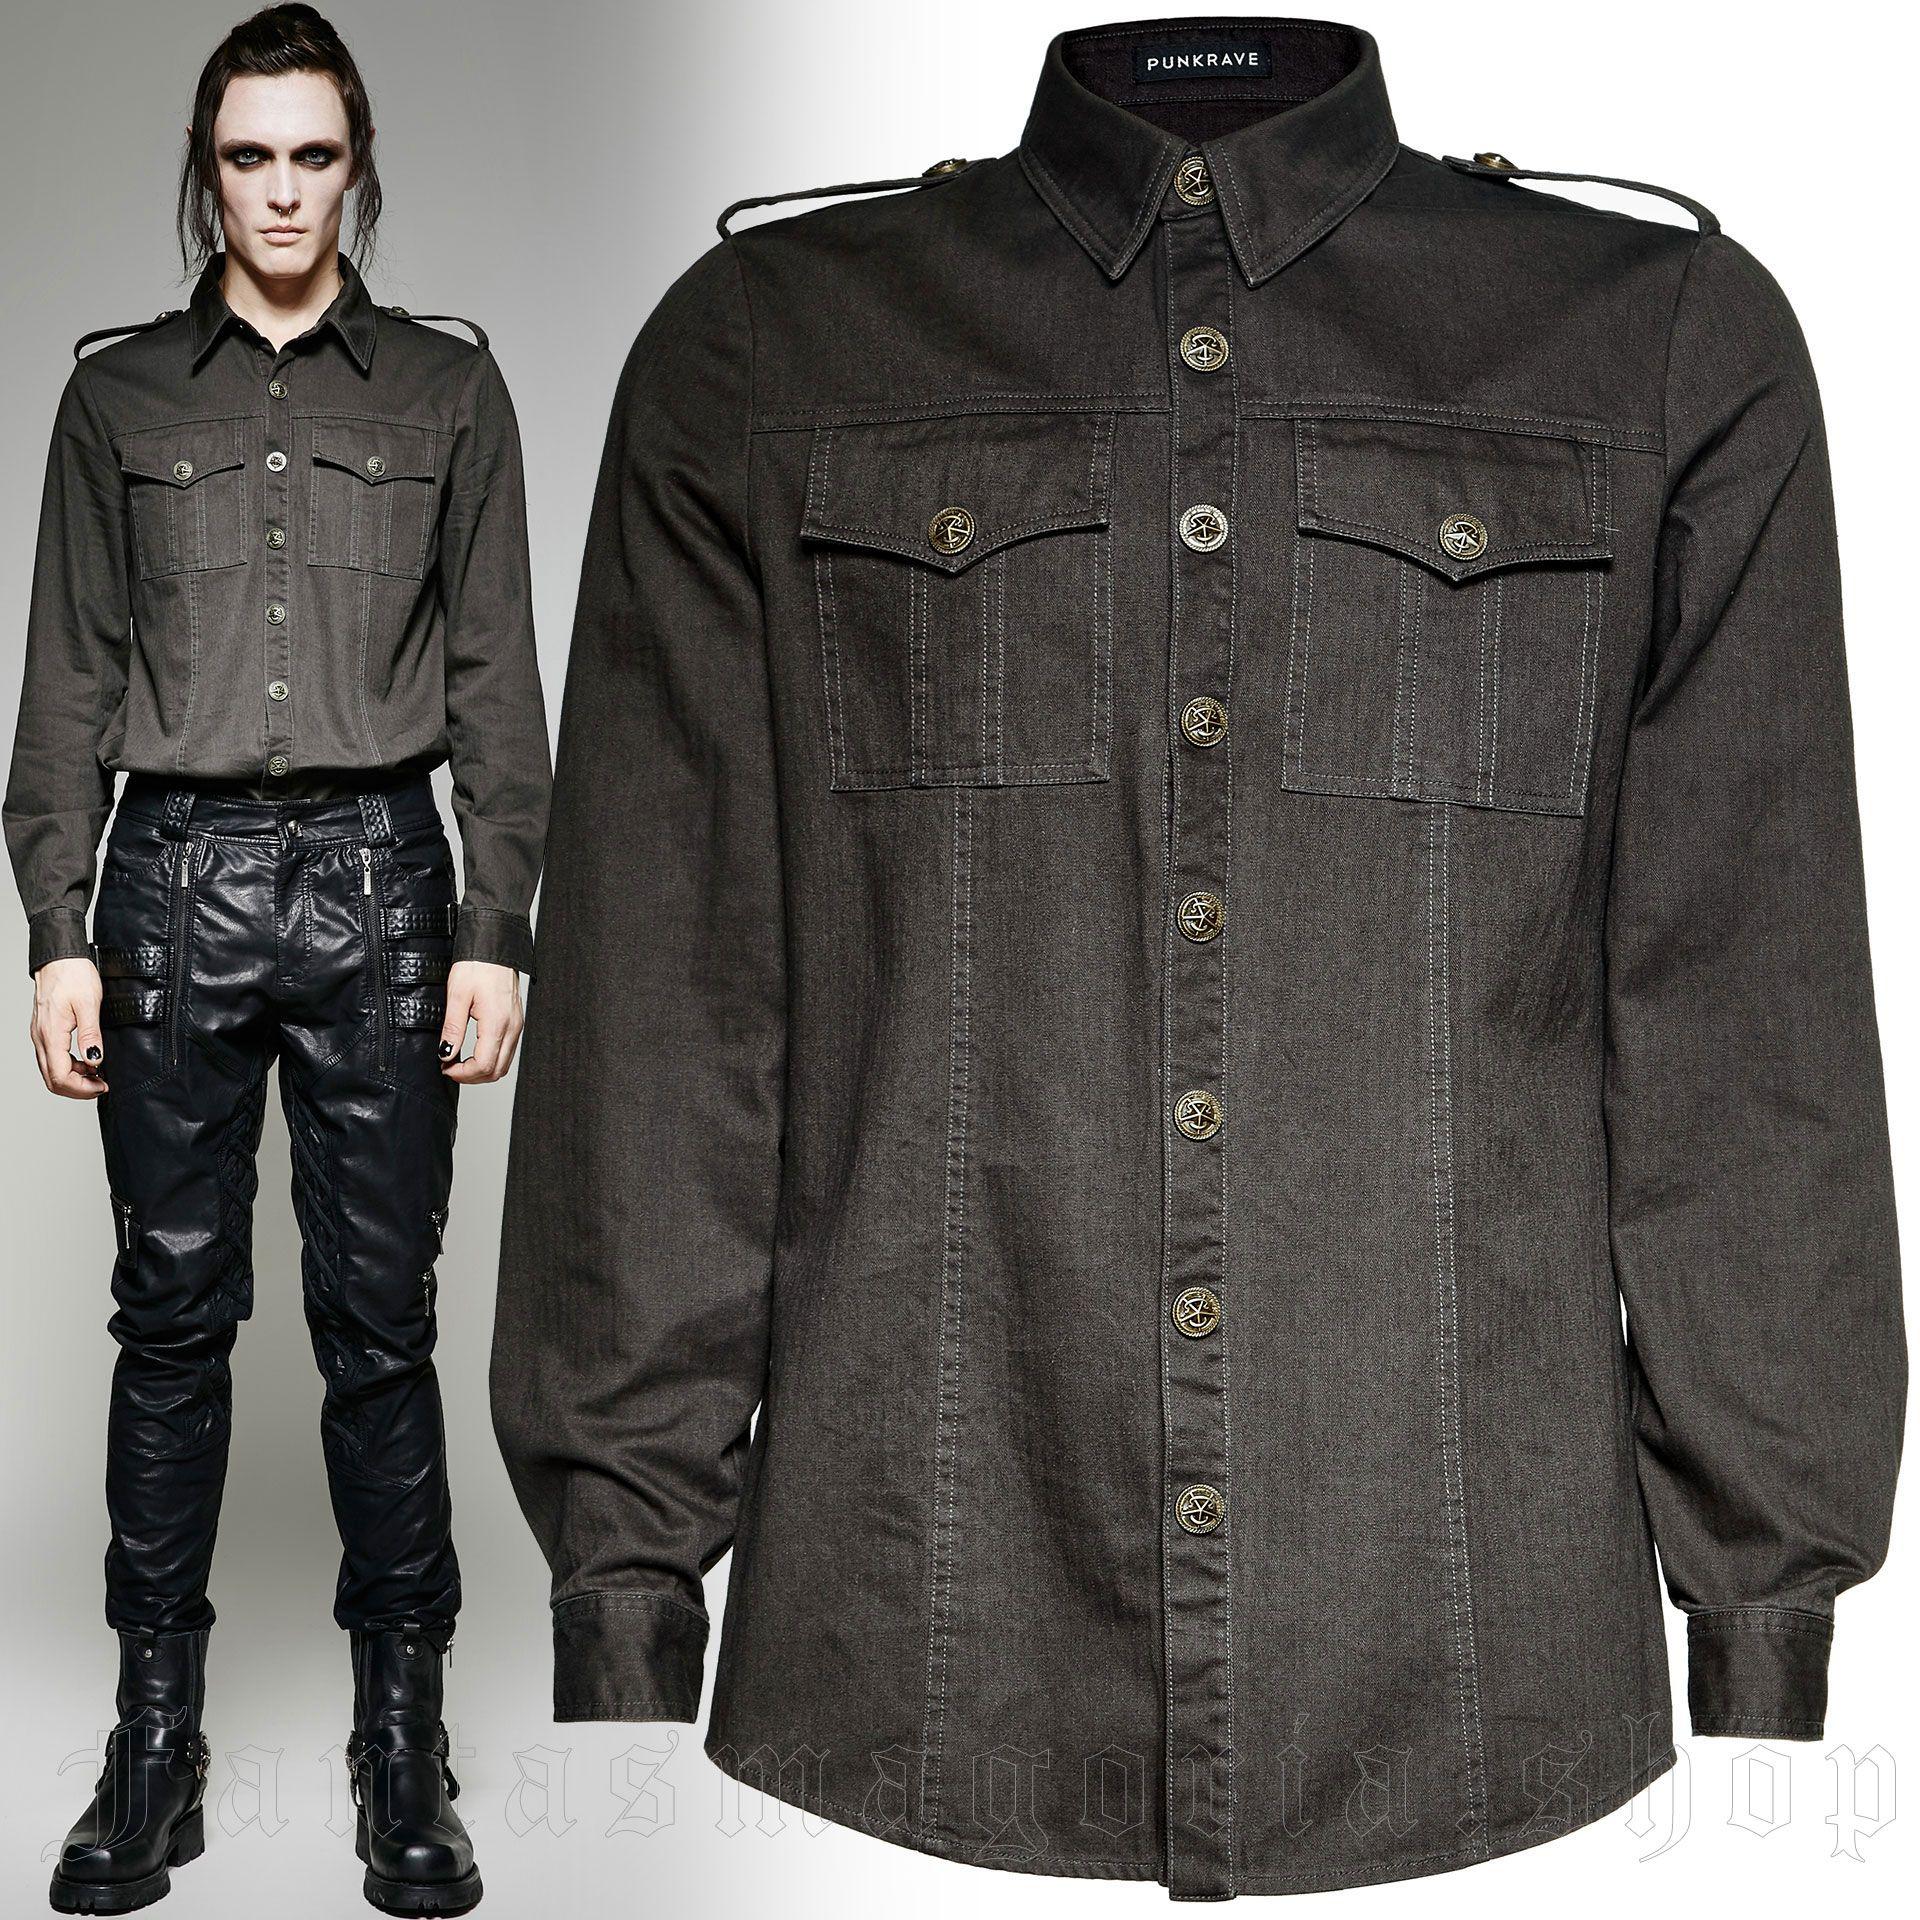 men's Commandant Shirt by PUNK RAVE brand, code: Y-715